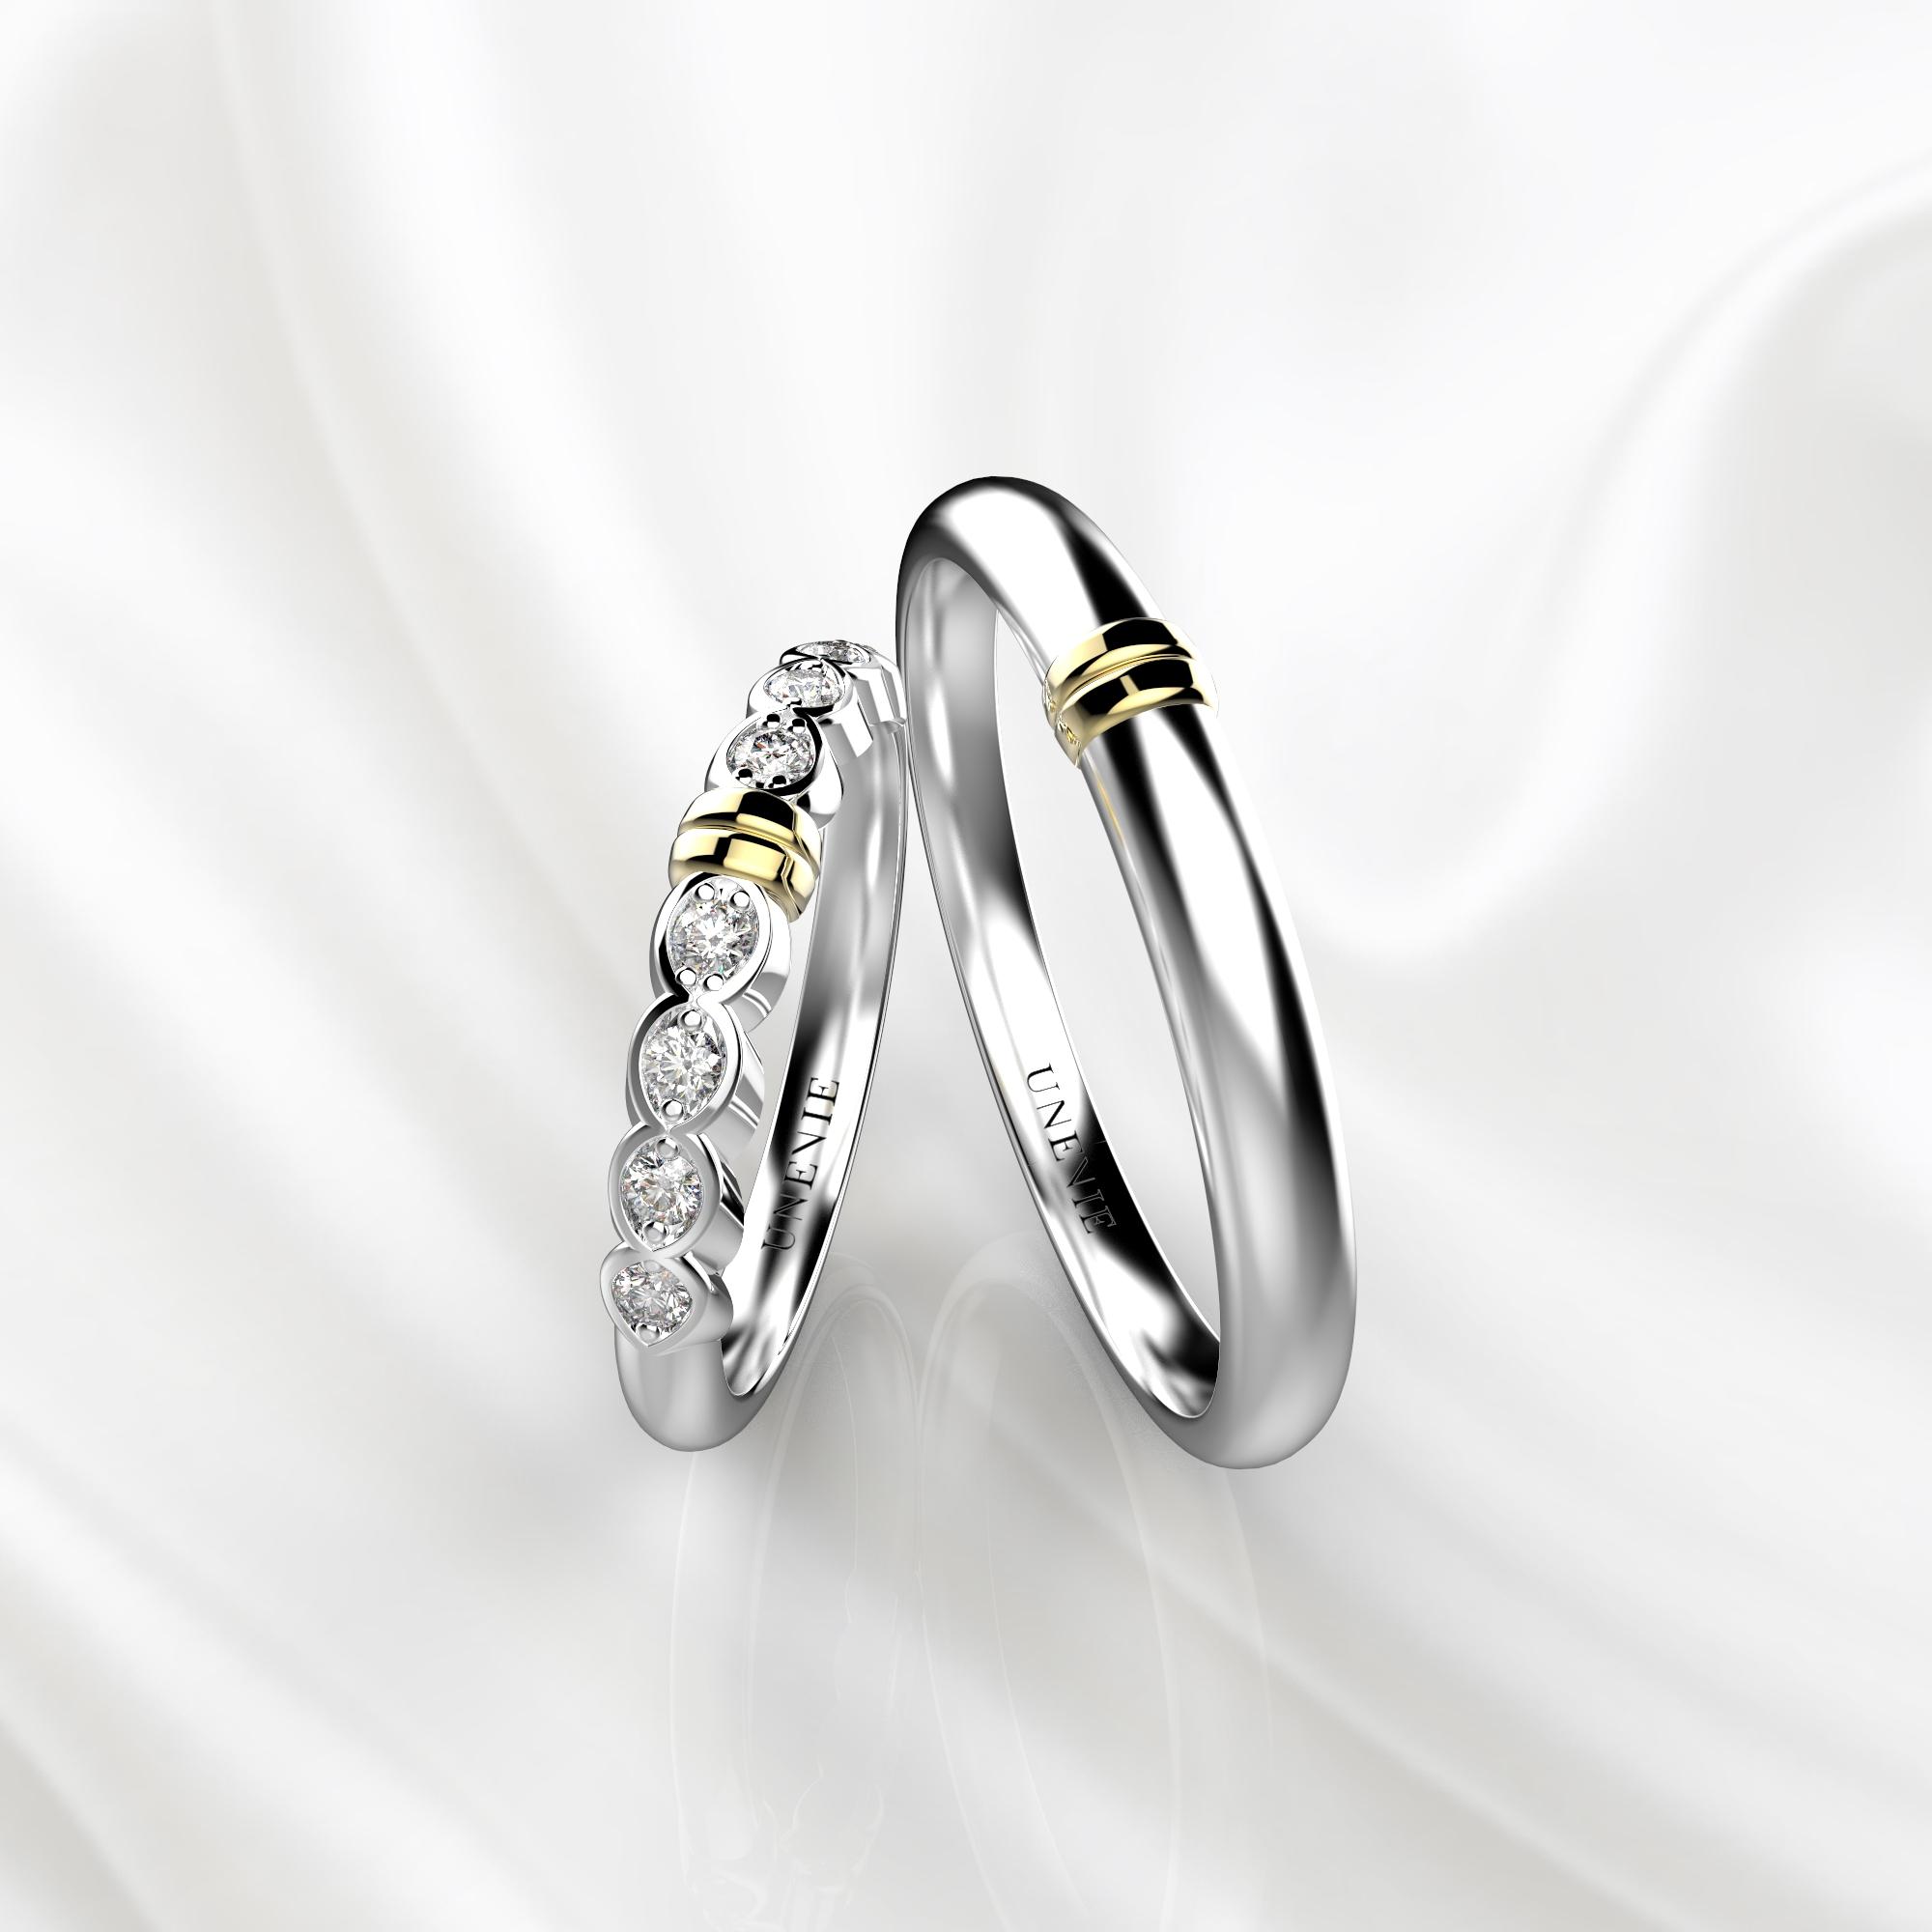 NV36 Обручальные кольца из белого-желтого золота с бриллиантами